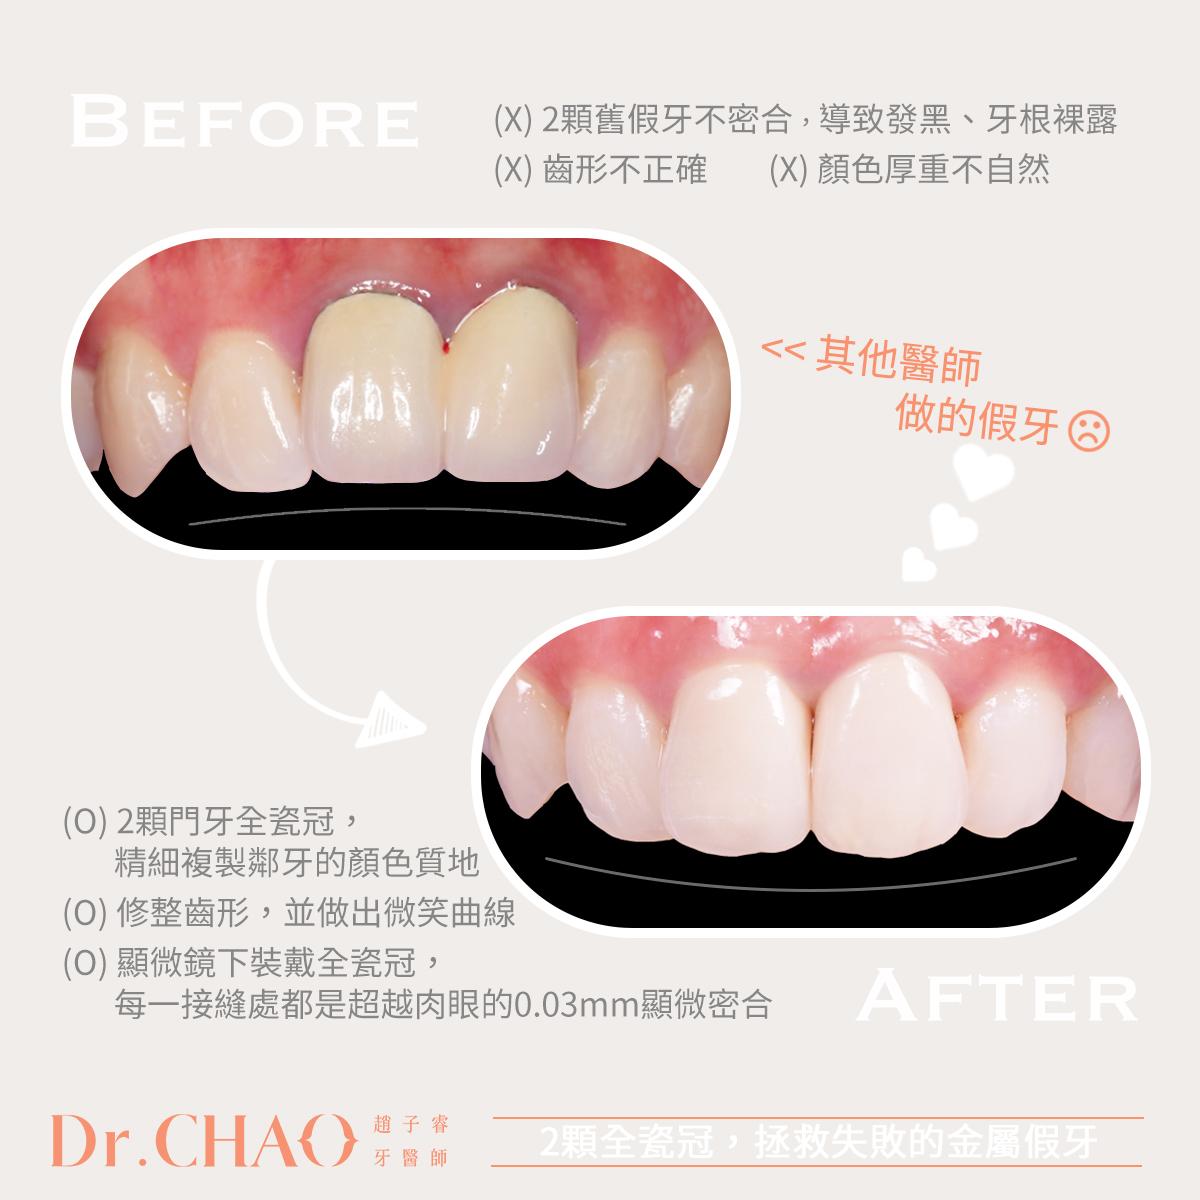 趙子睿醫師,利用2顆全瓷冠,拯救失敗的金屬假牙!